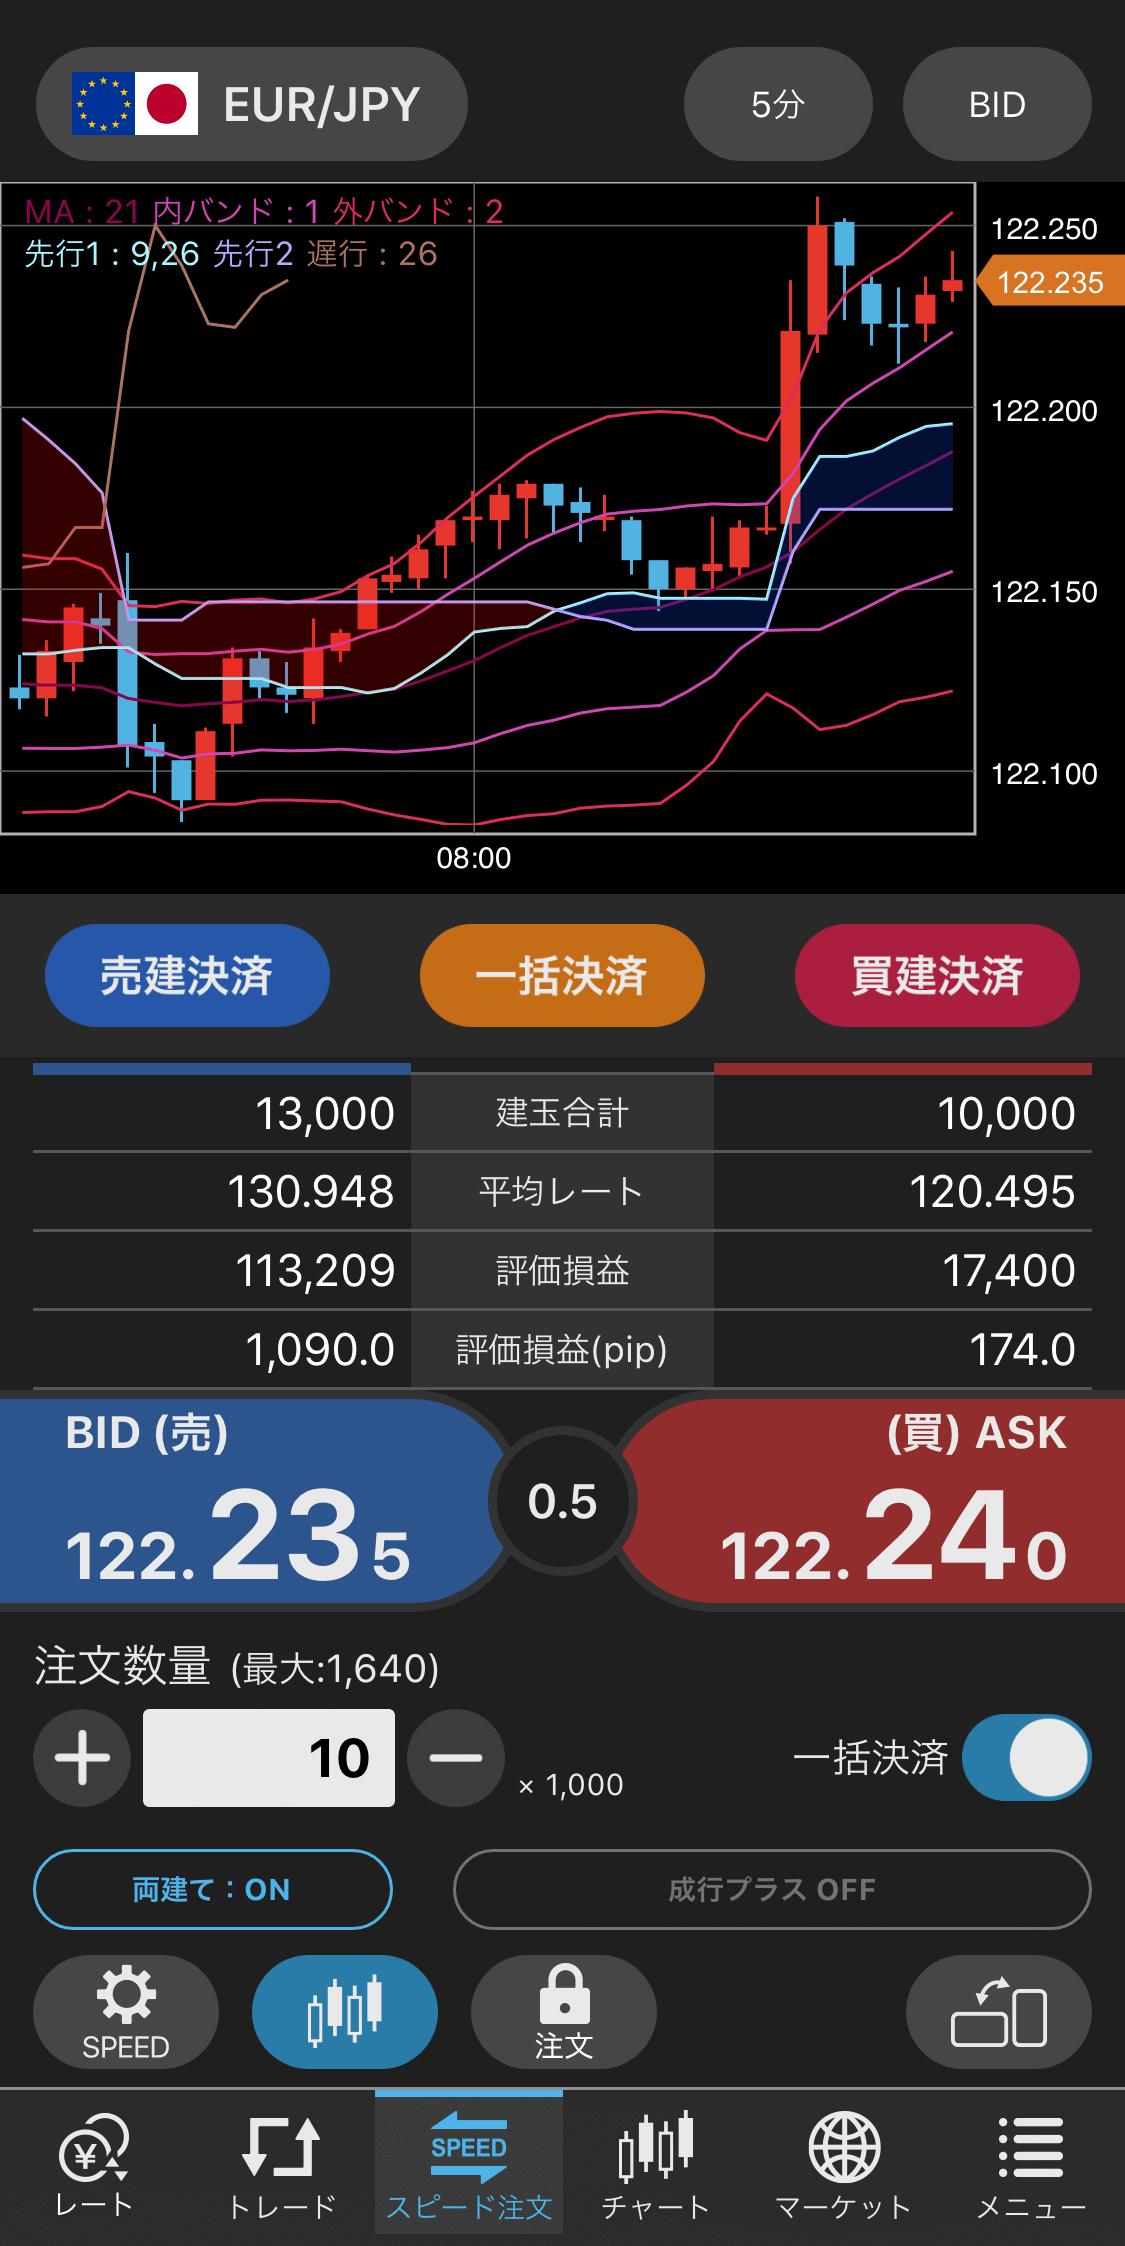 セントラル短資FXのスマホアプリ画像1